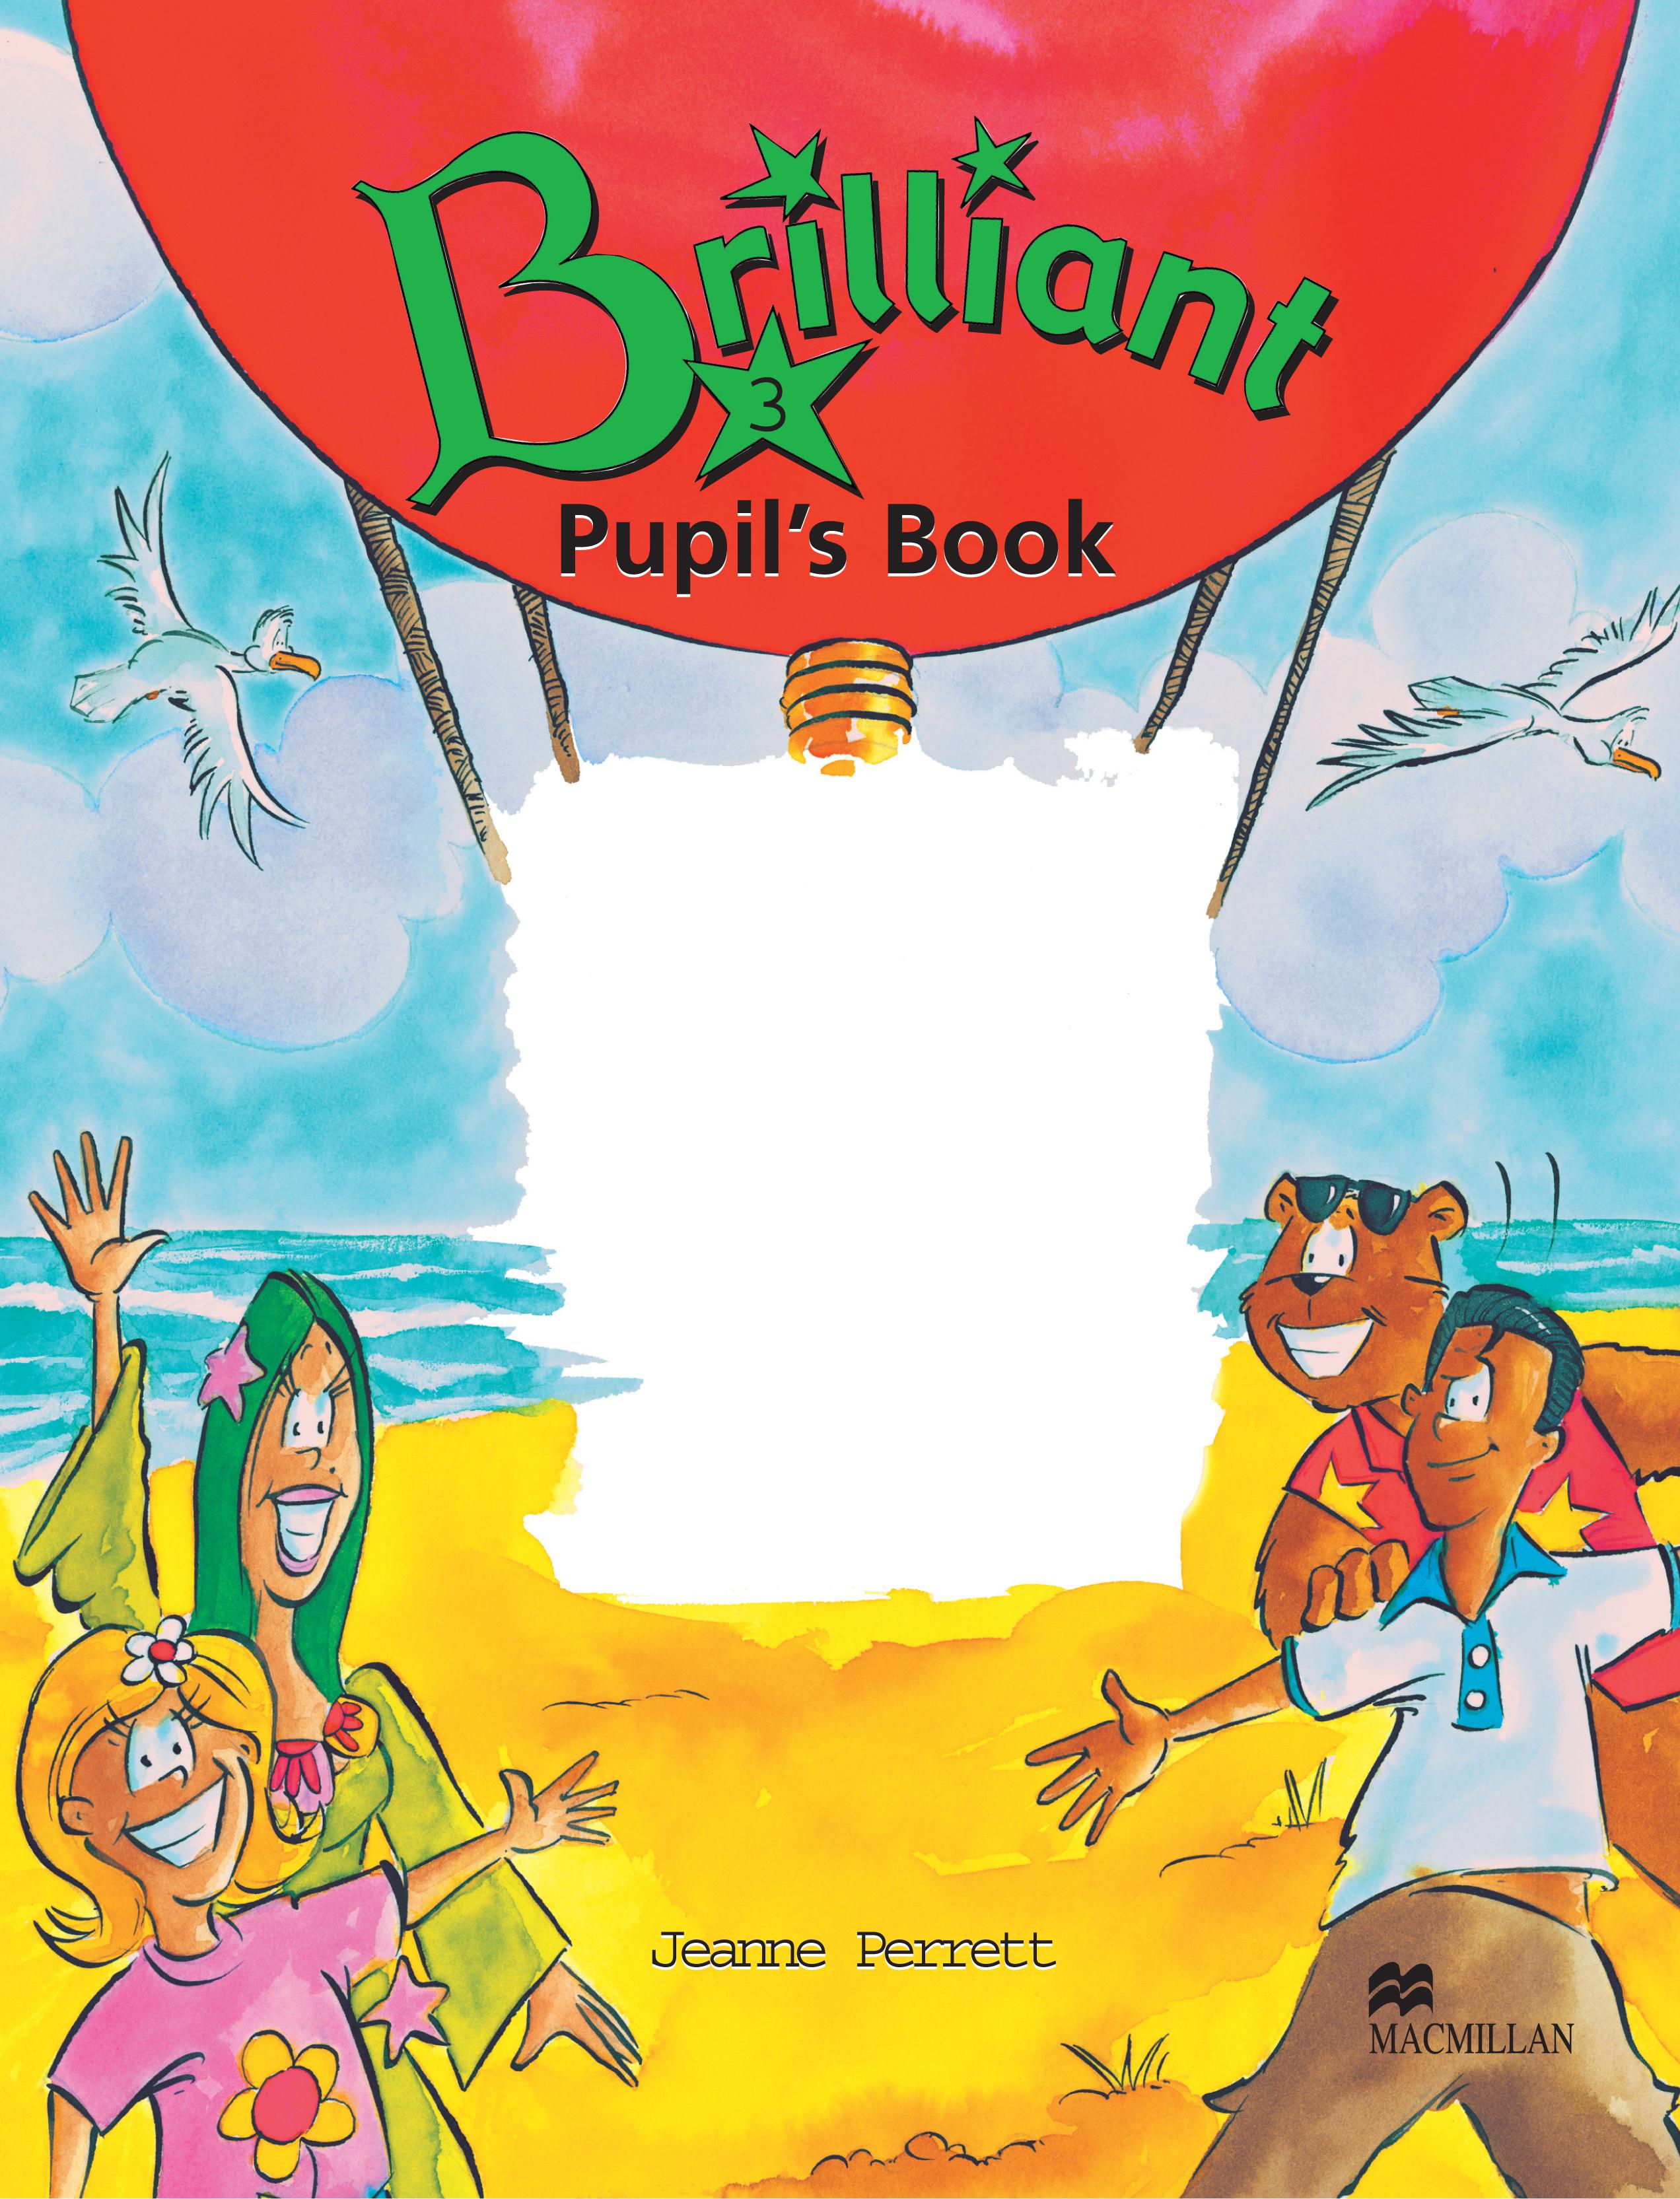 Brilliant 3 Pupil